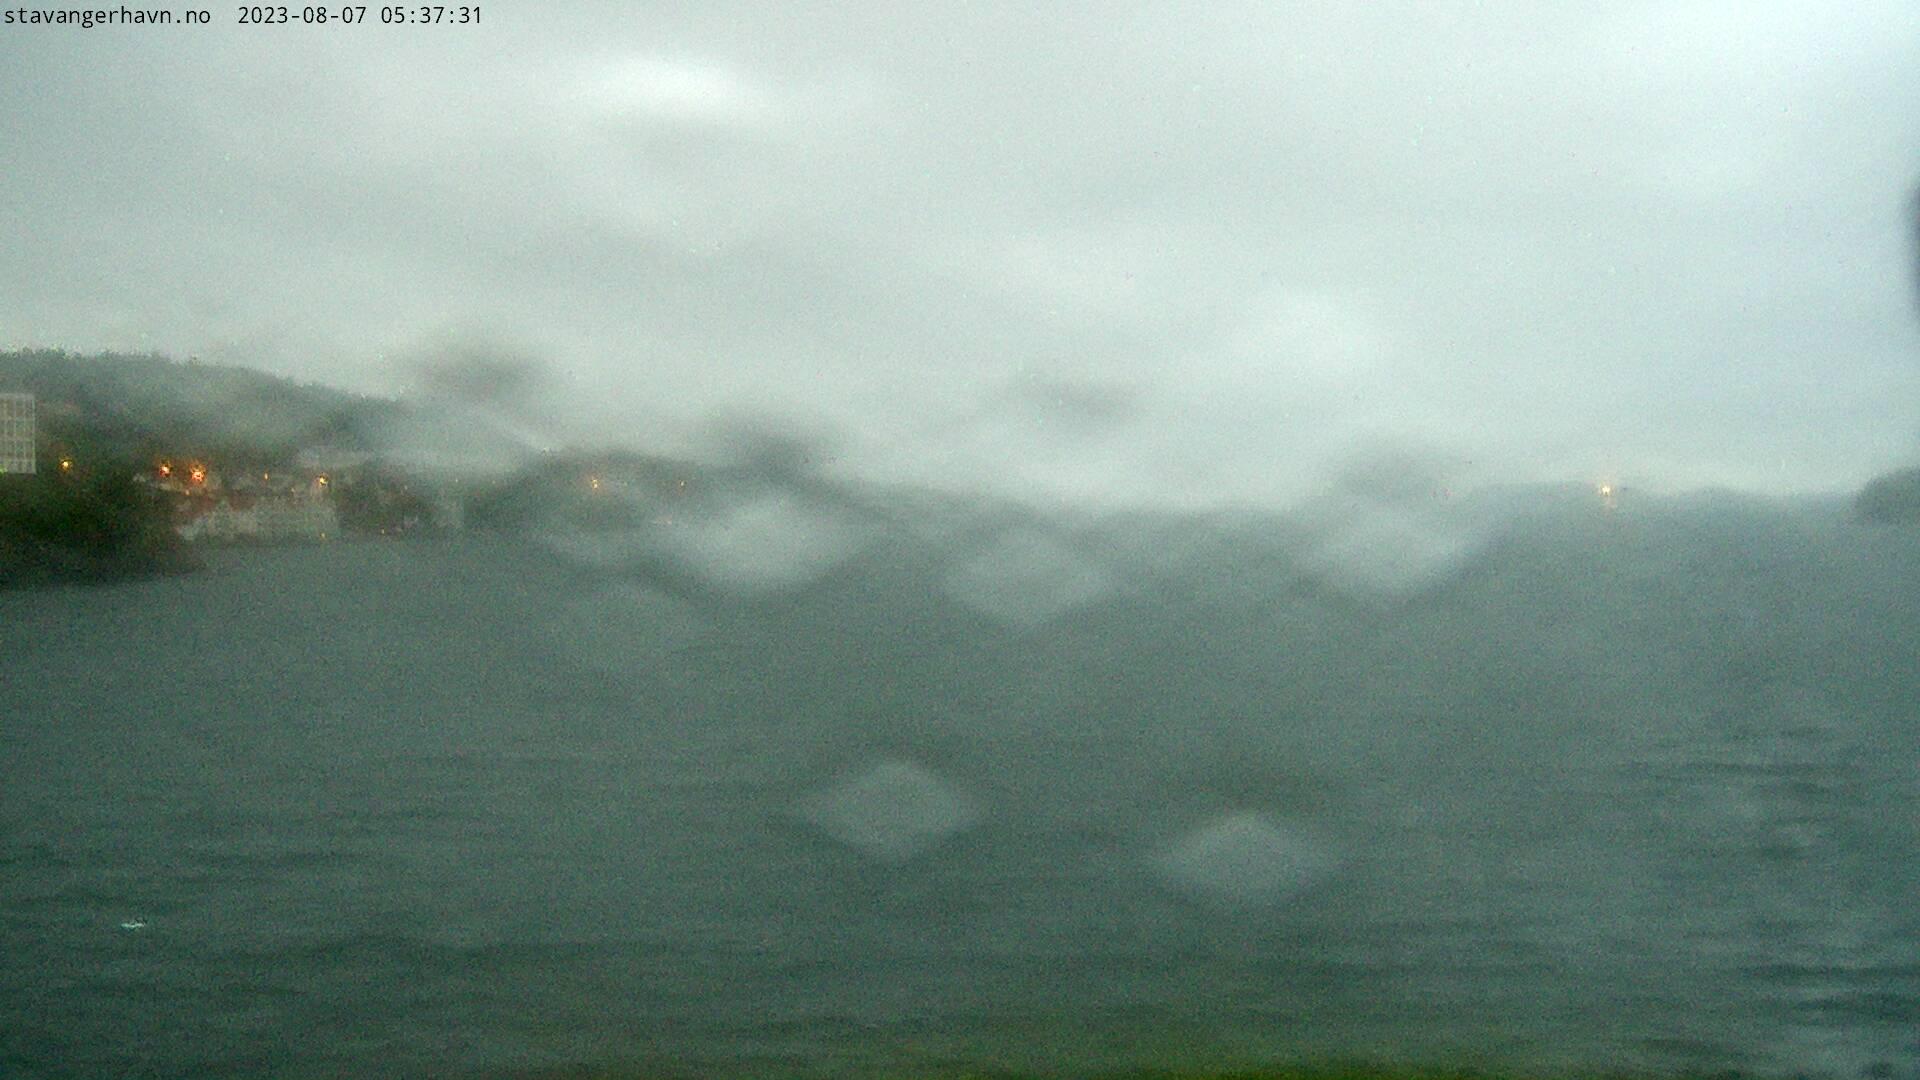 Bildet vises fra Tjuvholmen mot nord og oppdateres hvert 5. minutt